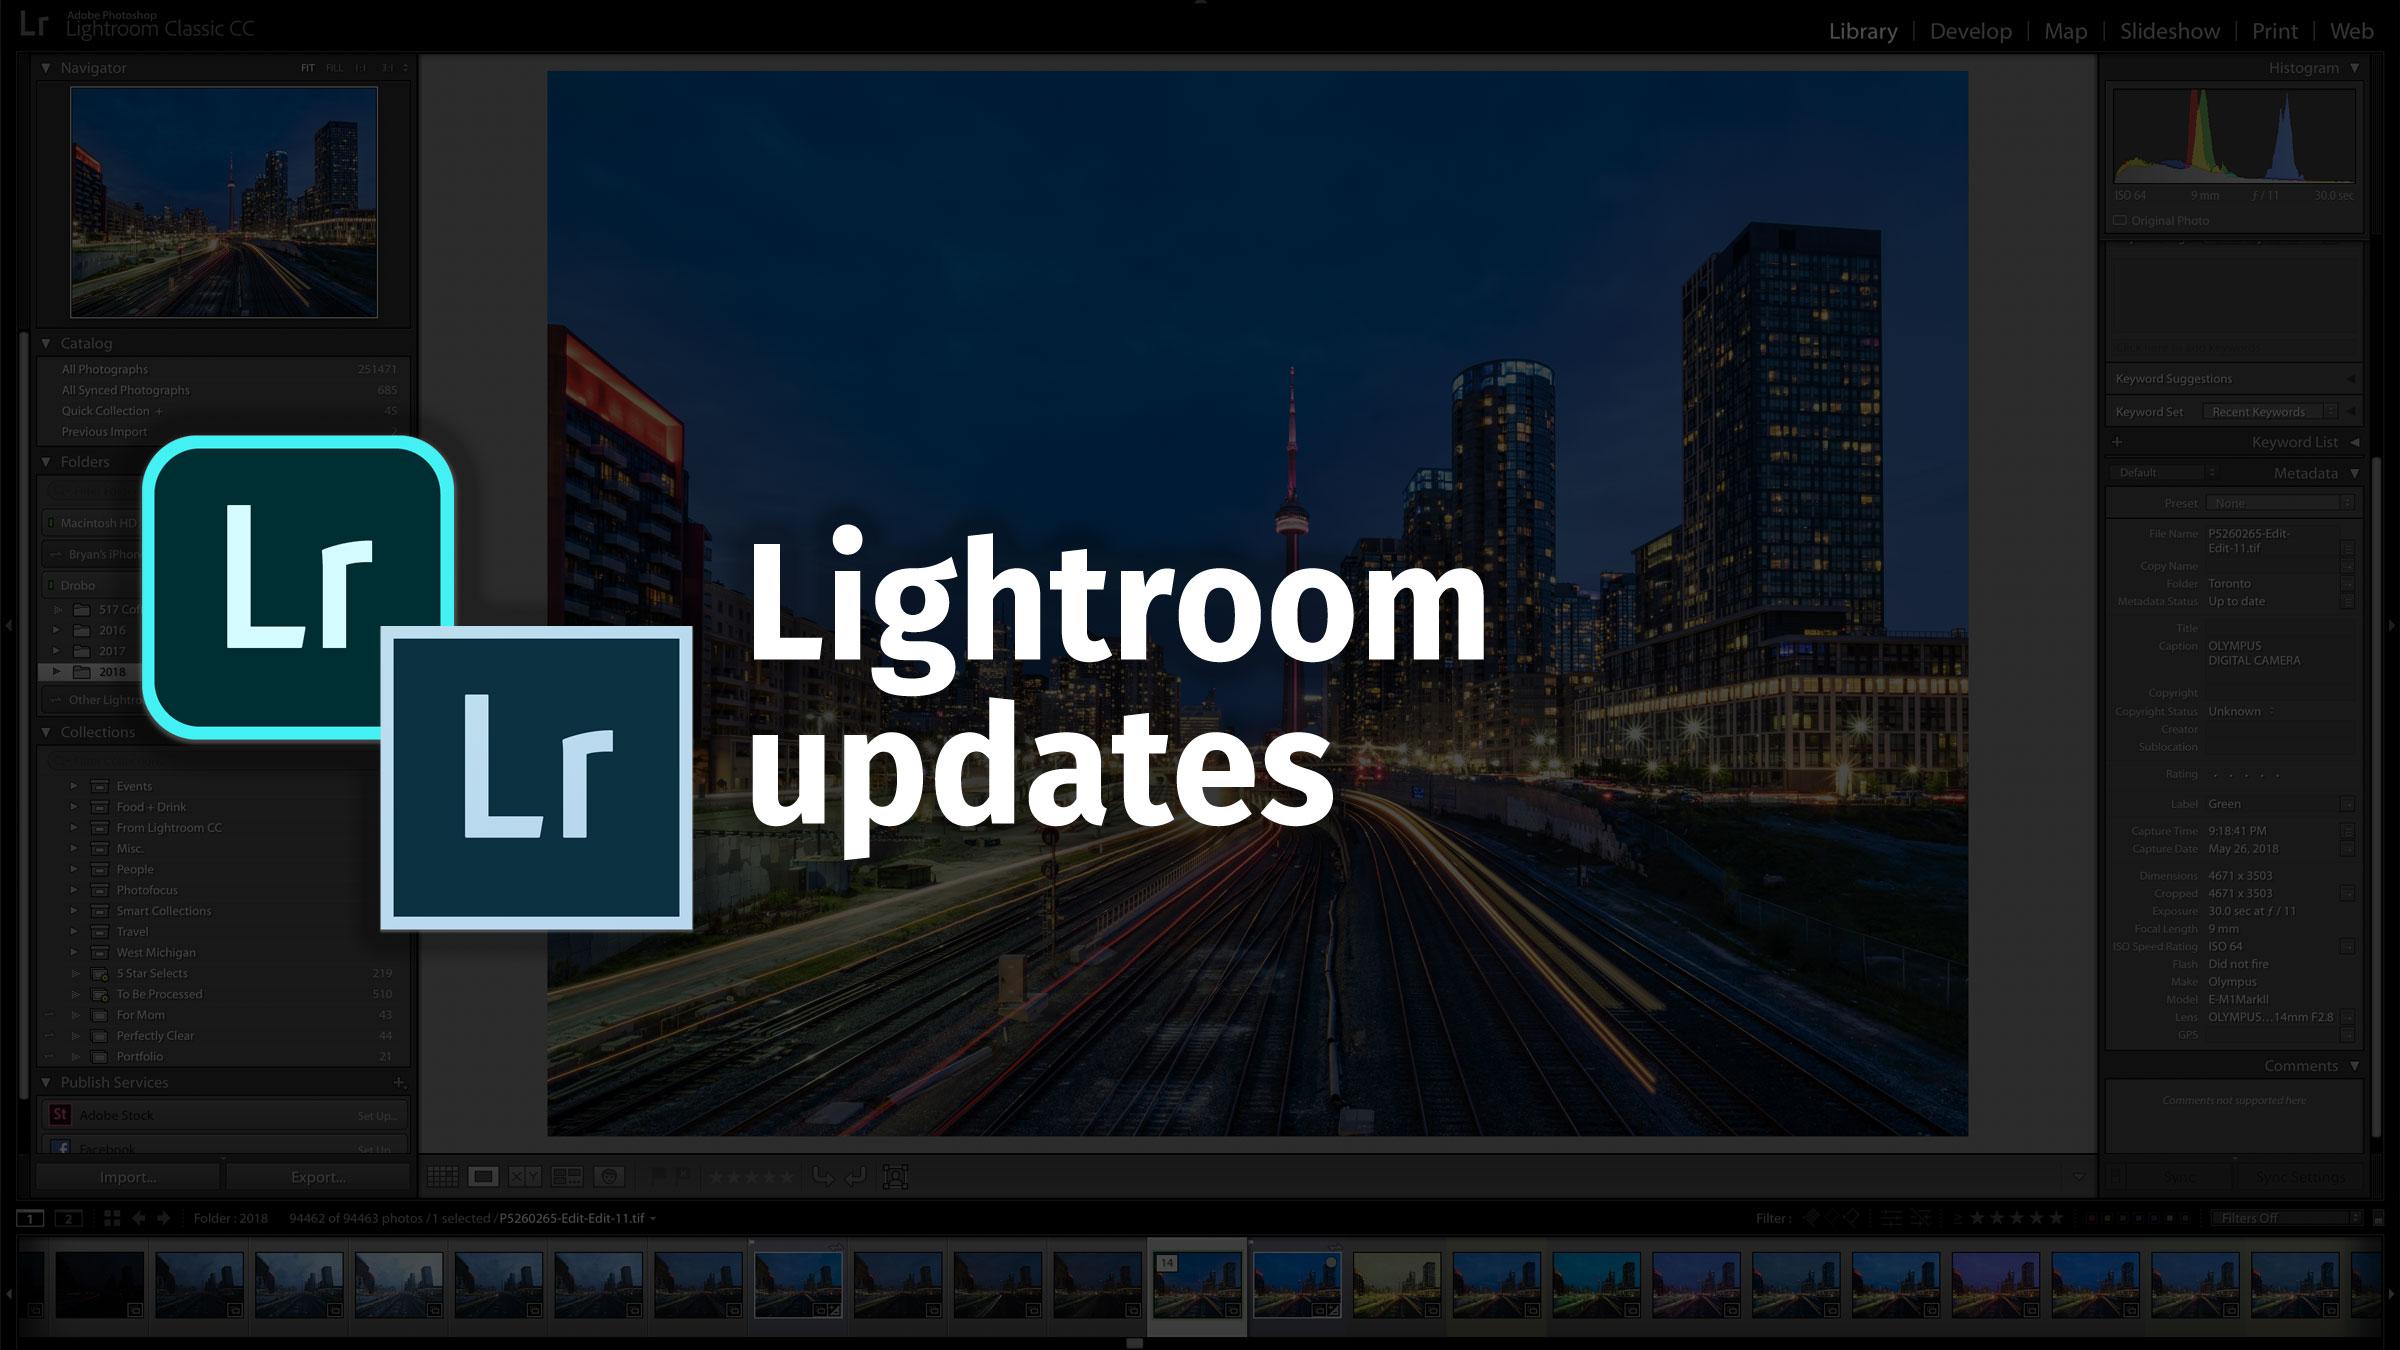 lr-updates